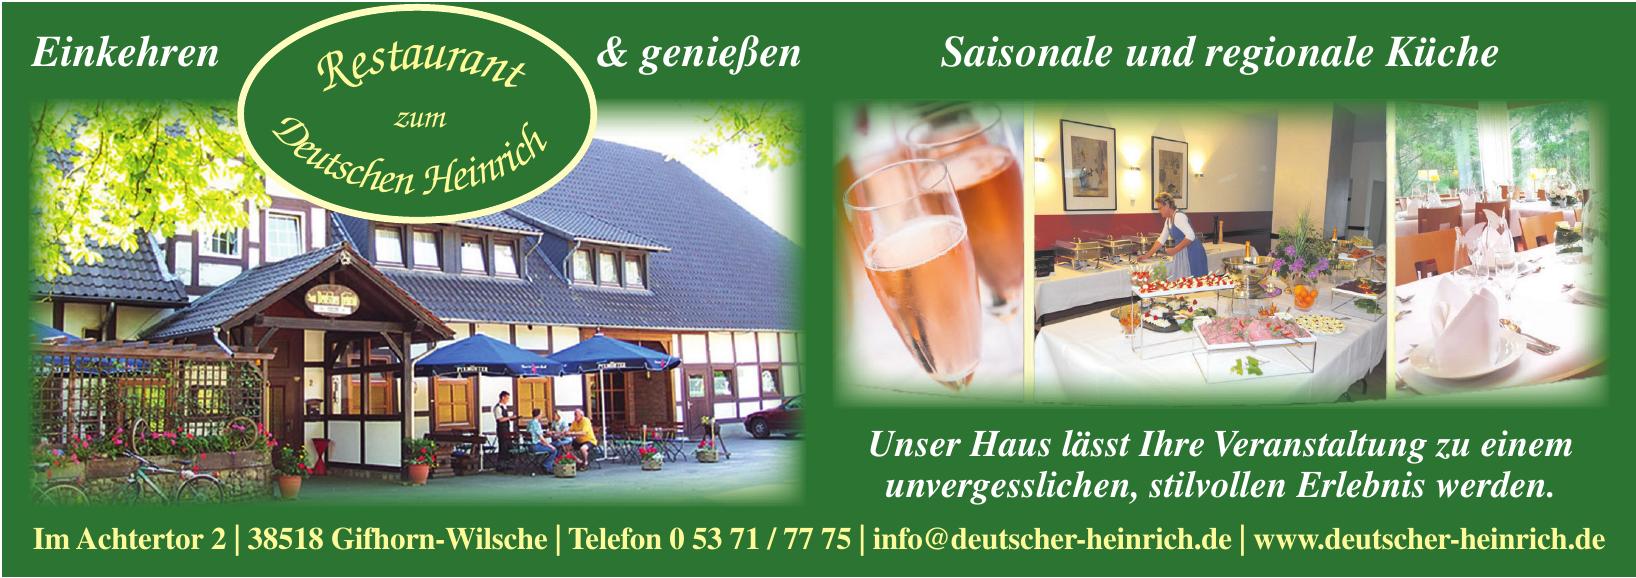 Restaurant zum Deutschen Heinrich